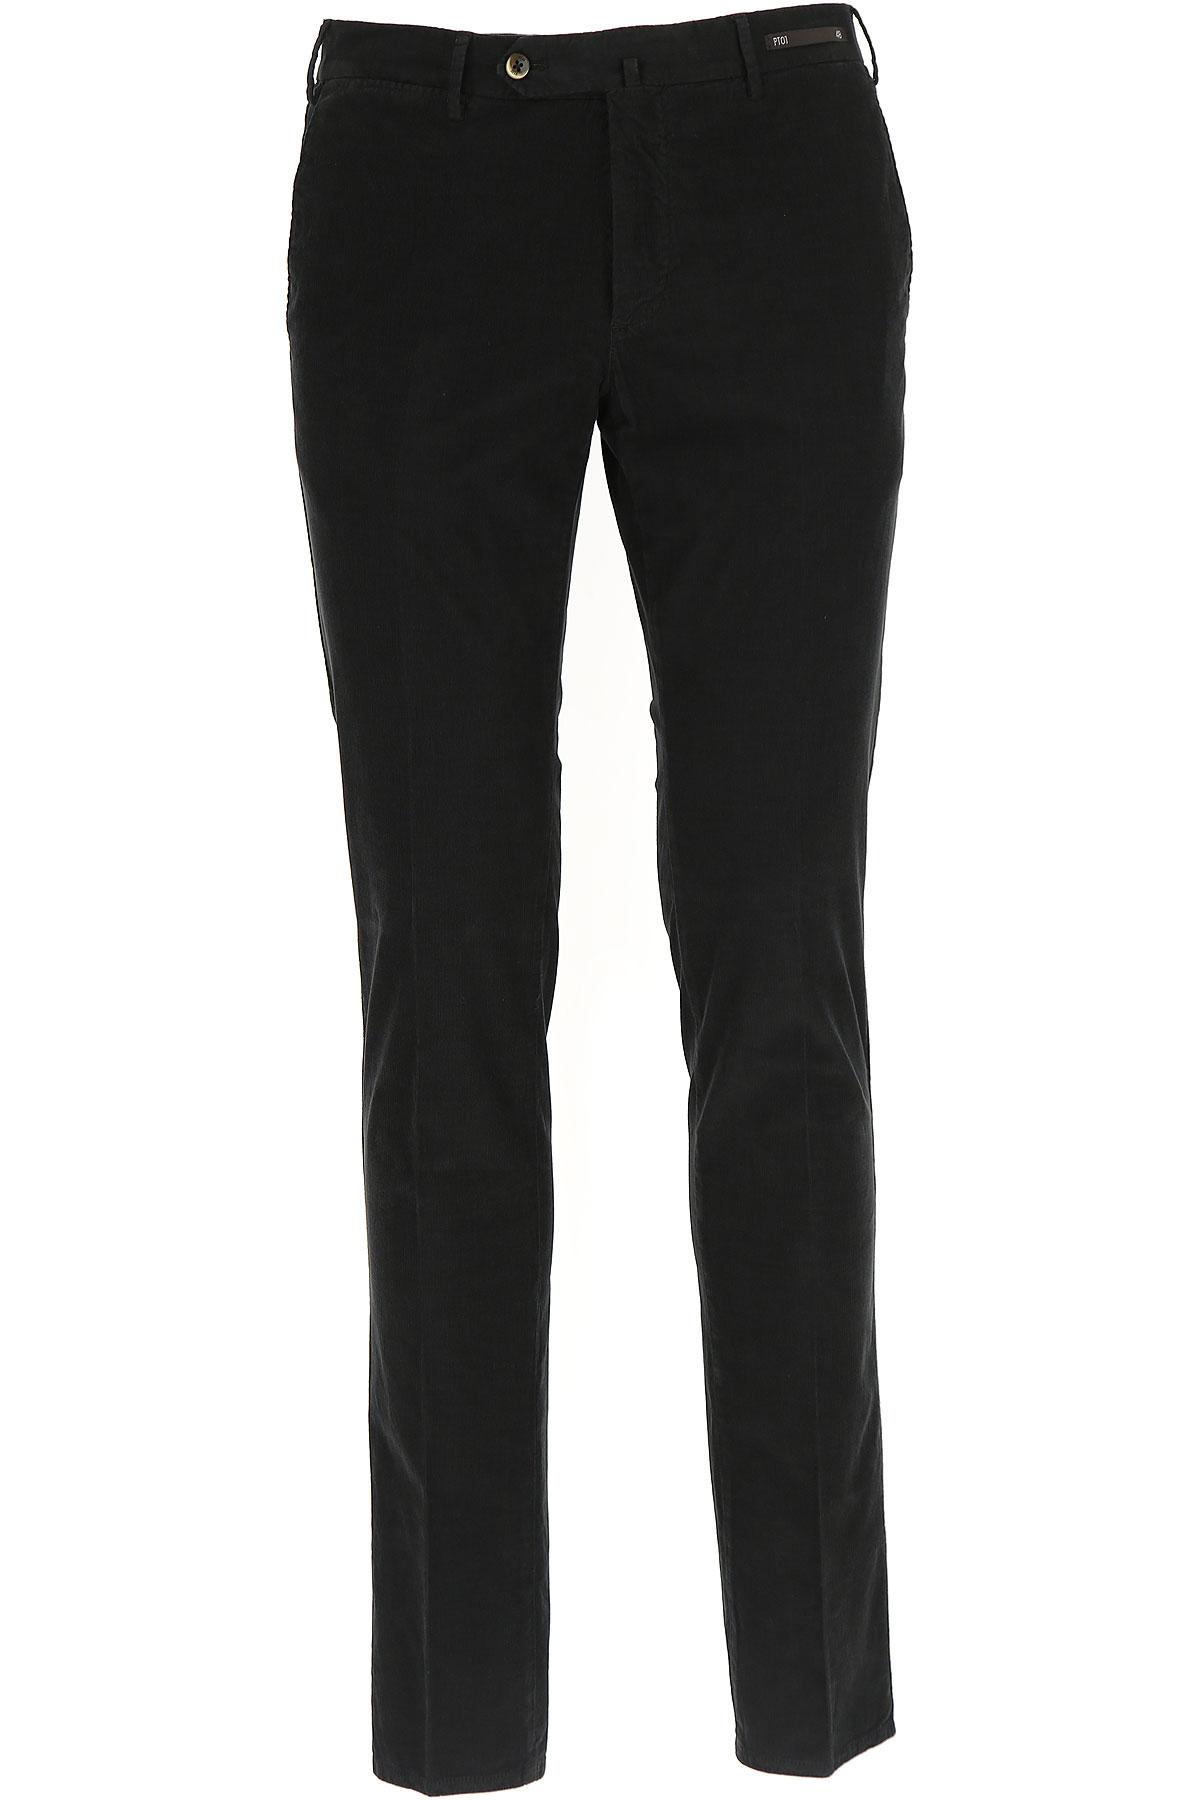 Image of PT01 Pants for Men, Black, Cotton, 2017, 28 30 32 34 36